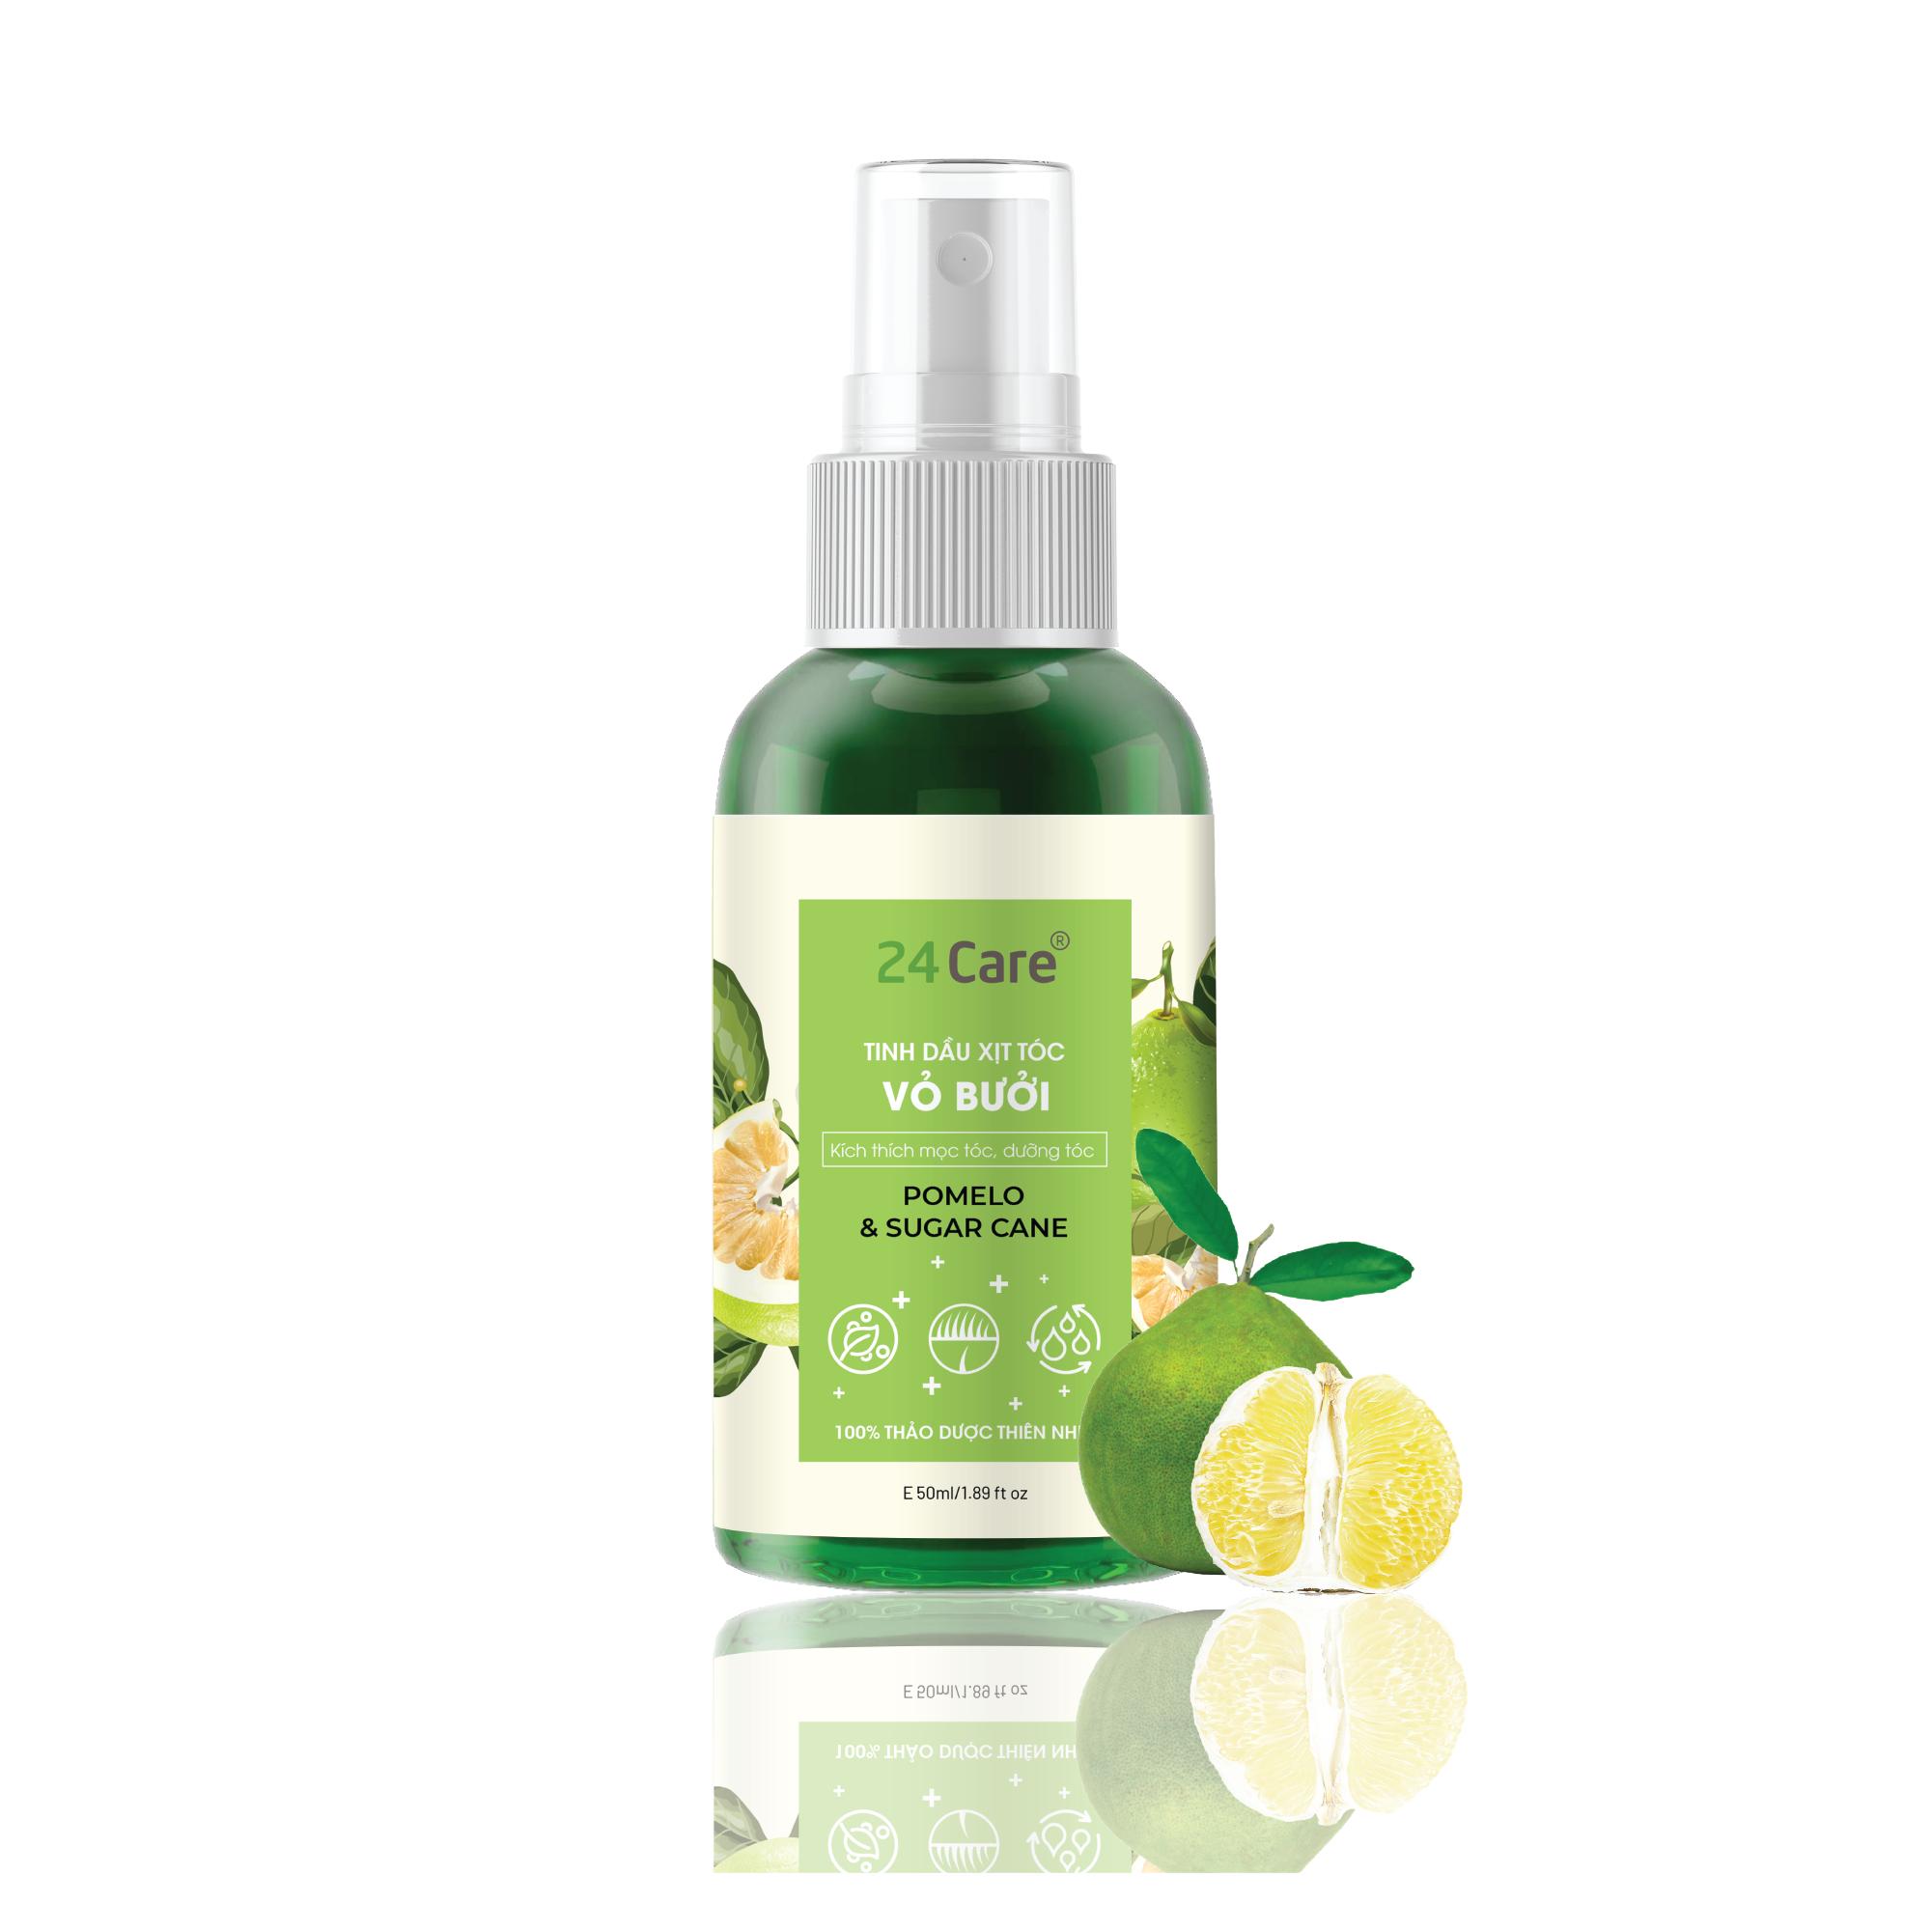 Xịt tóc Chiết xuất Vỏ bưởi 24Care 50ML – Xịt tóc tinh dầu thiên nhiên hữu cơ, cho tóc dày mượt và ngăn ngừa gãy rụng